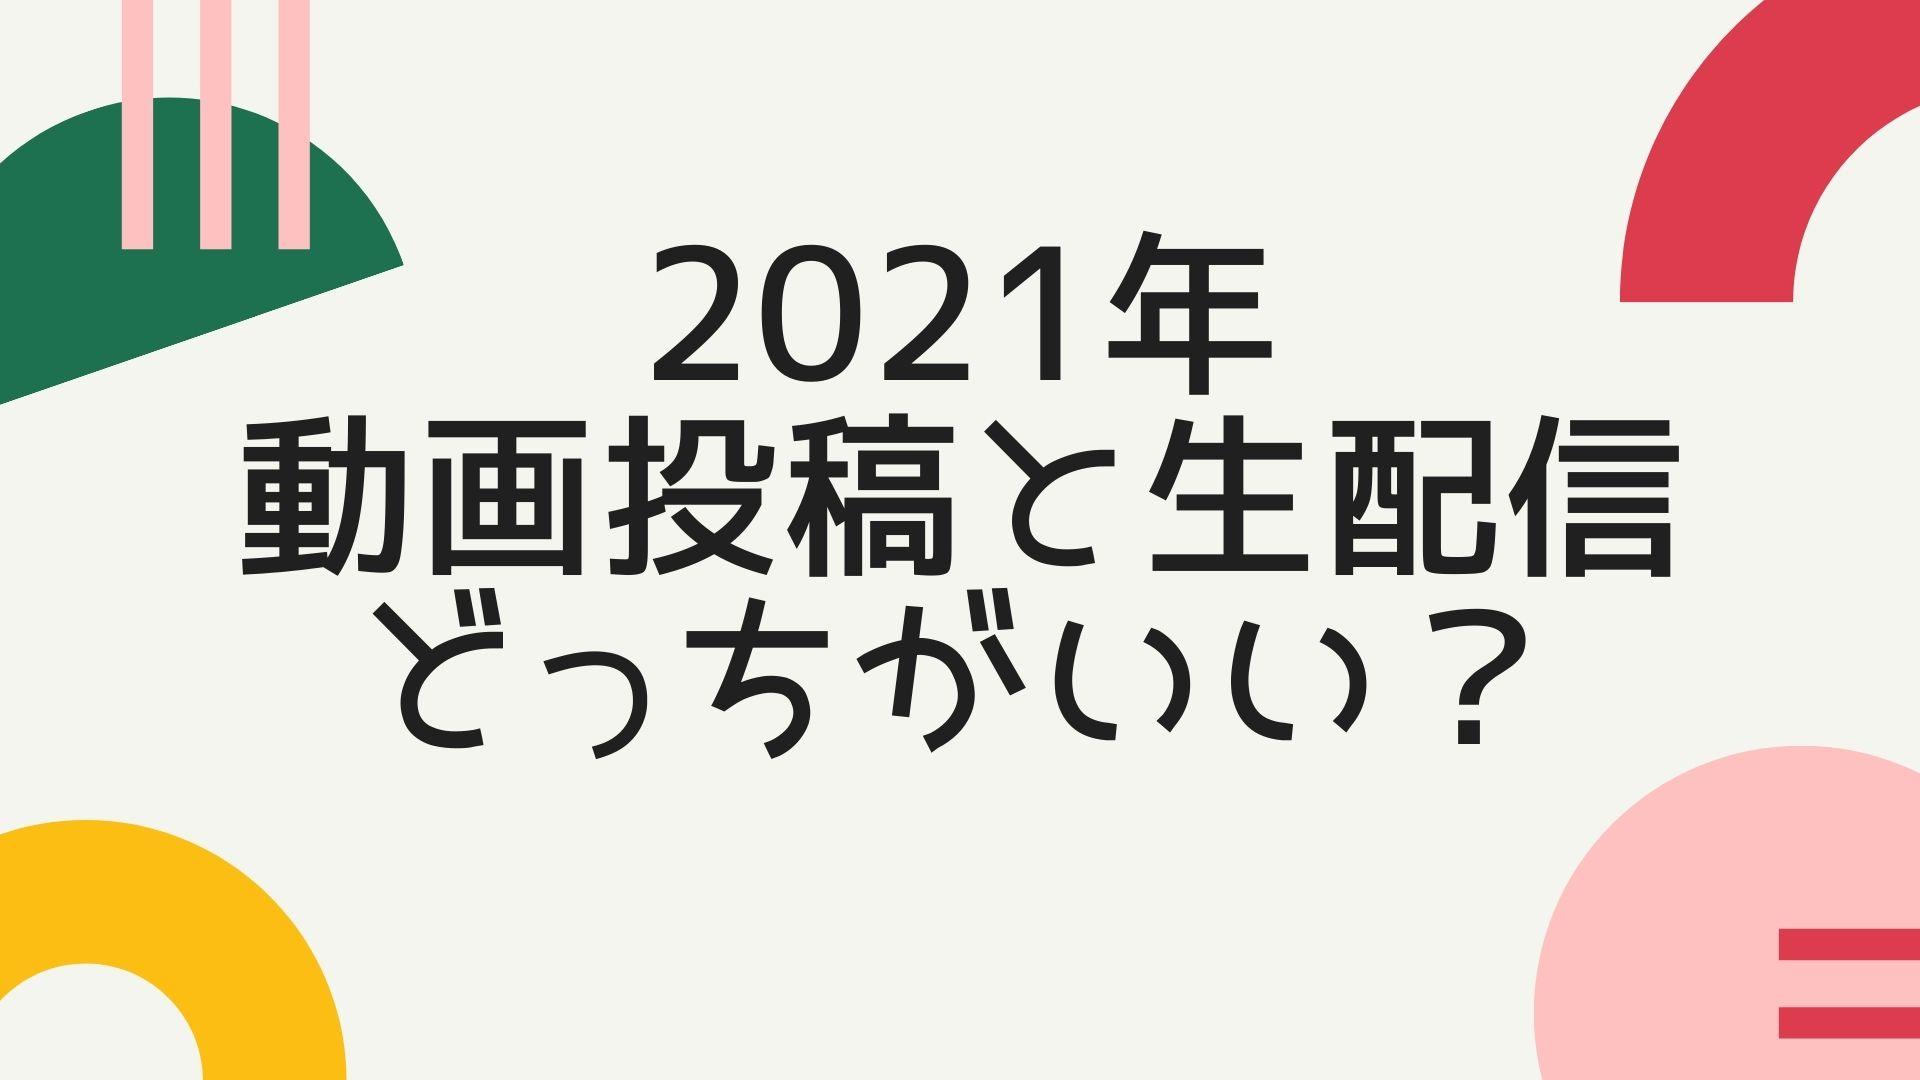 2021年,動画投稿と生配信どっちがいい?